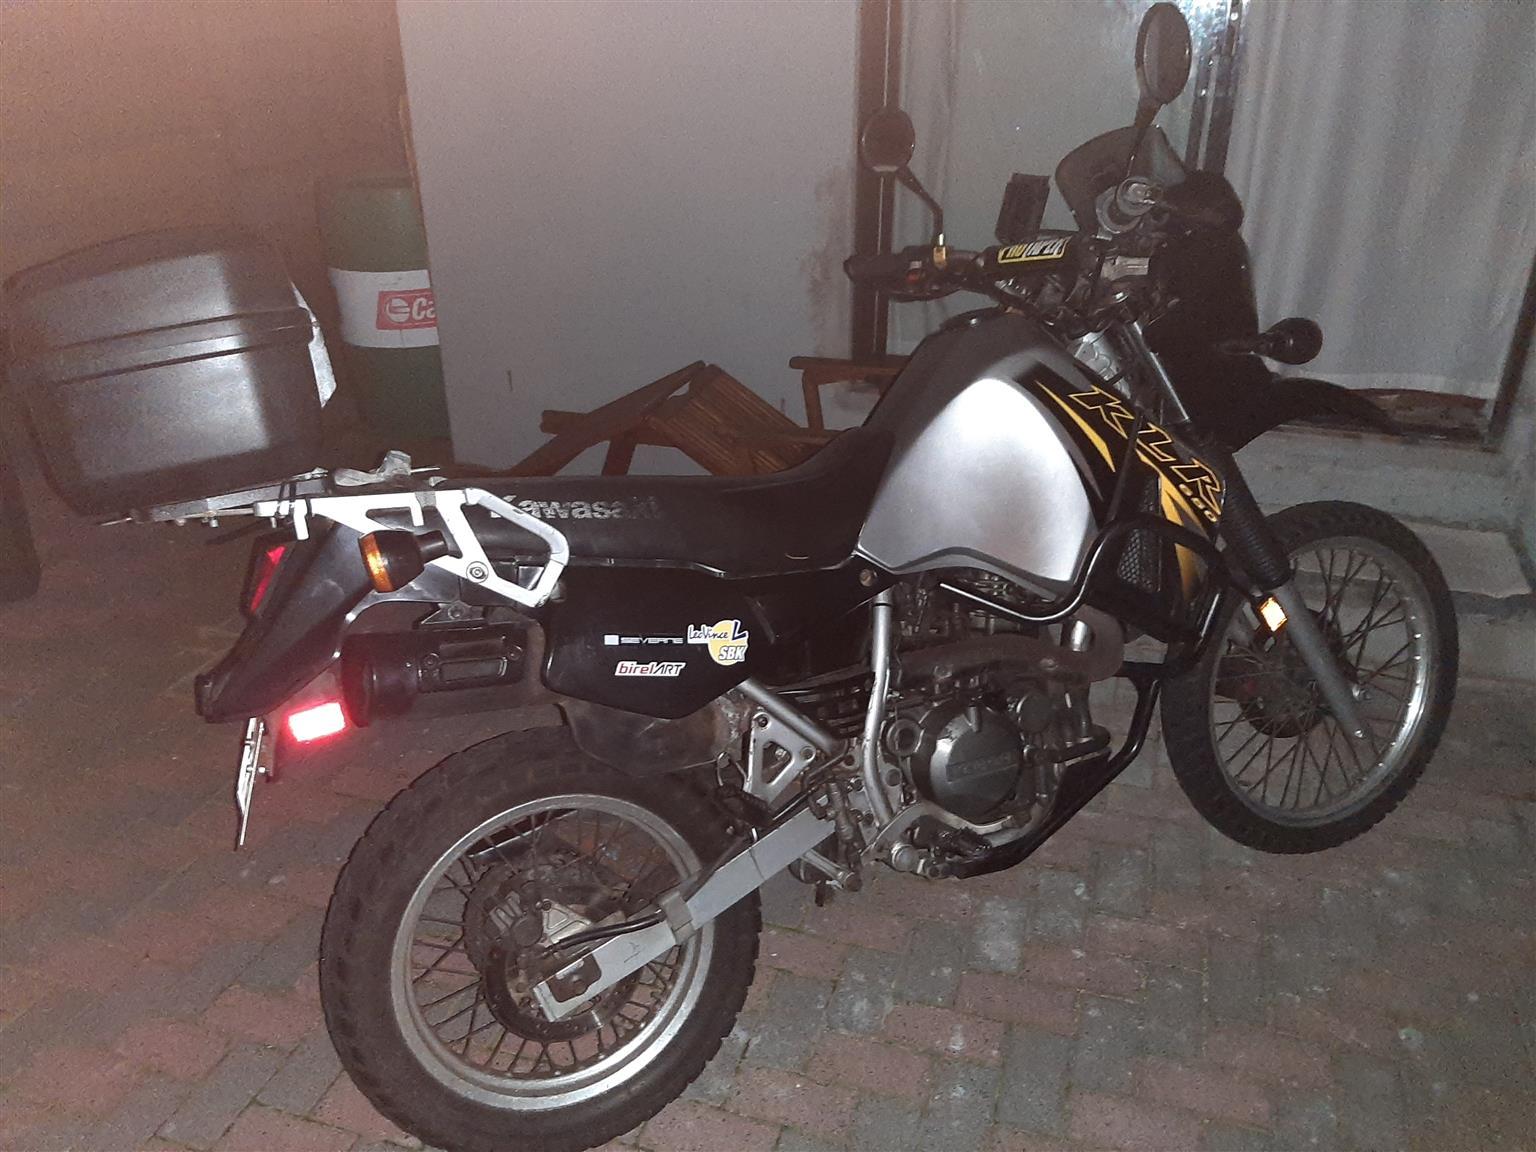 2005 Kawasaki KLR